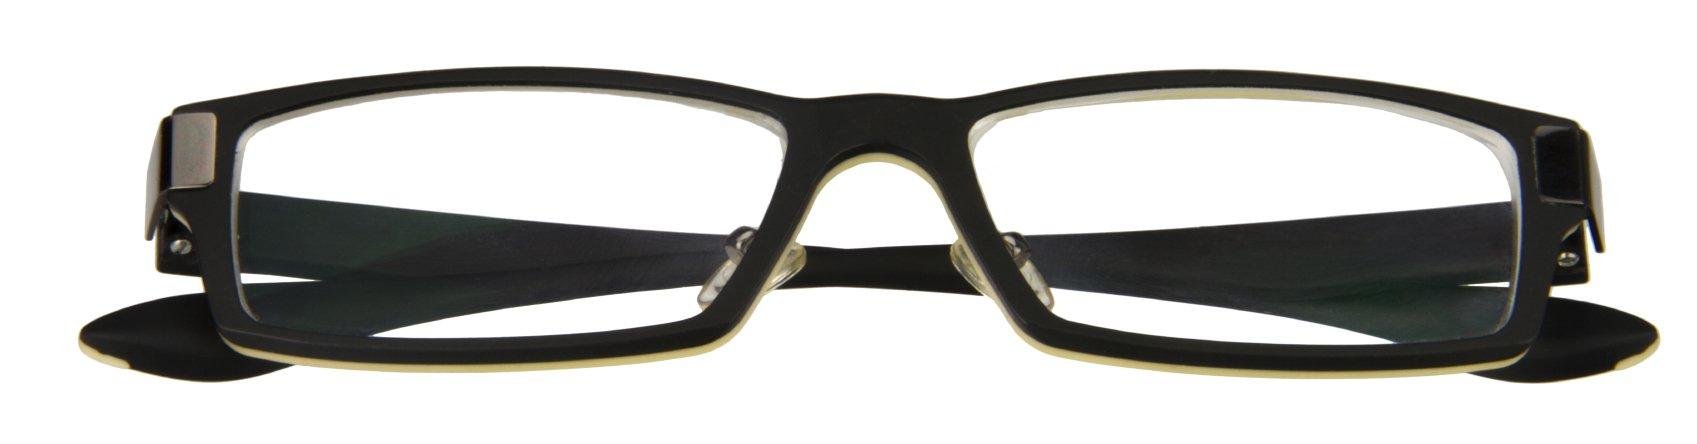 eyeglass frames, Buffalo, NY